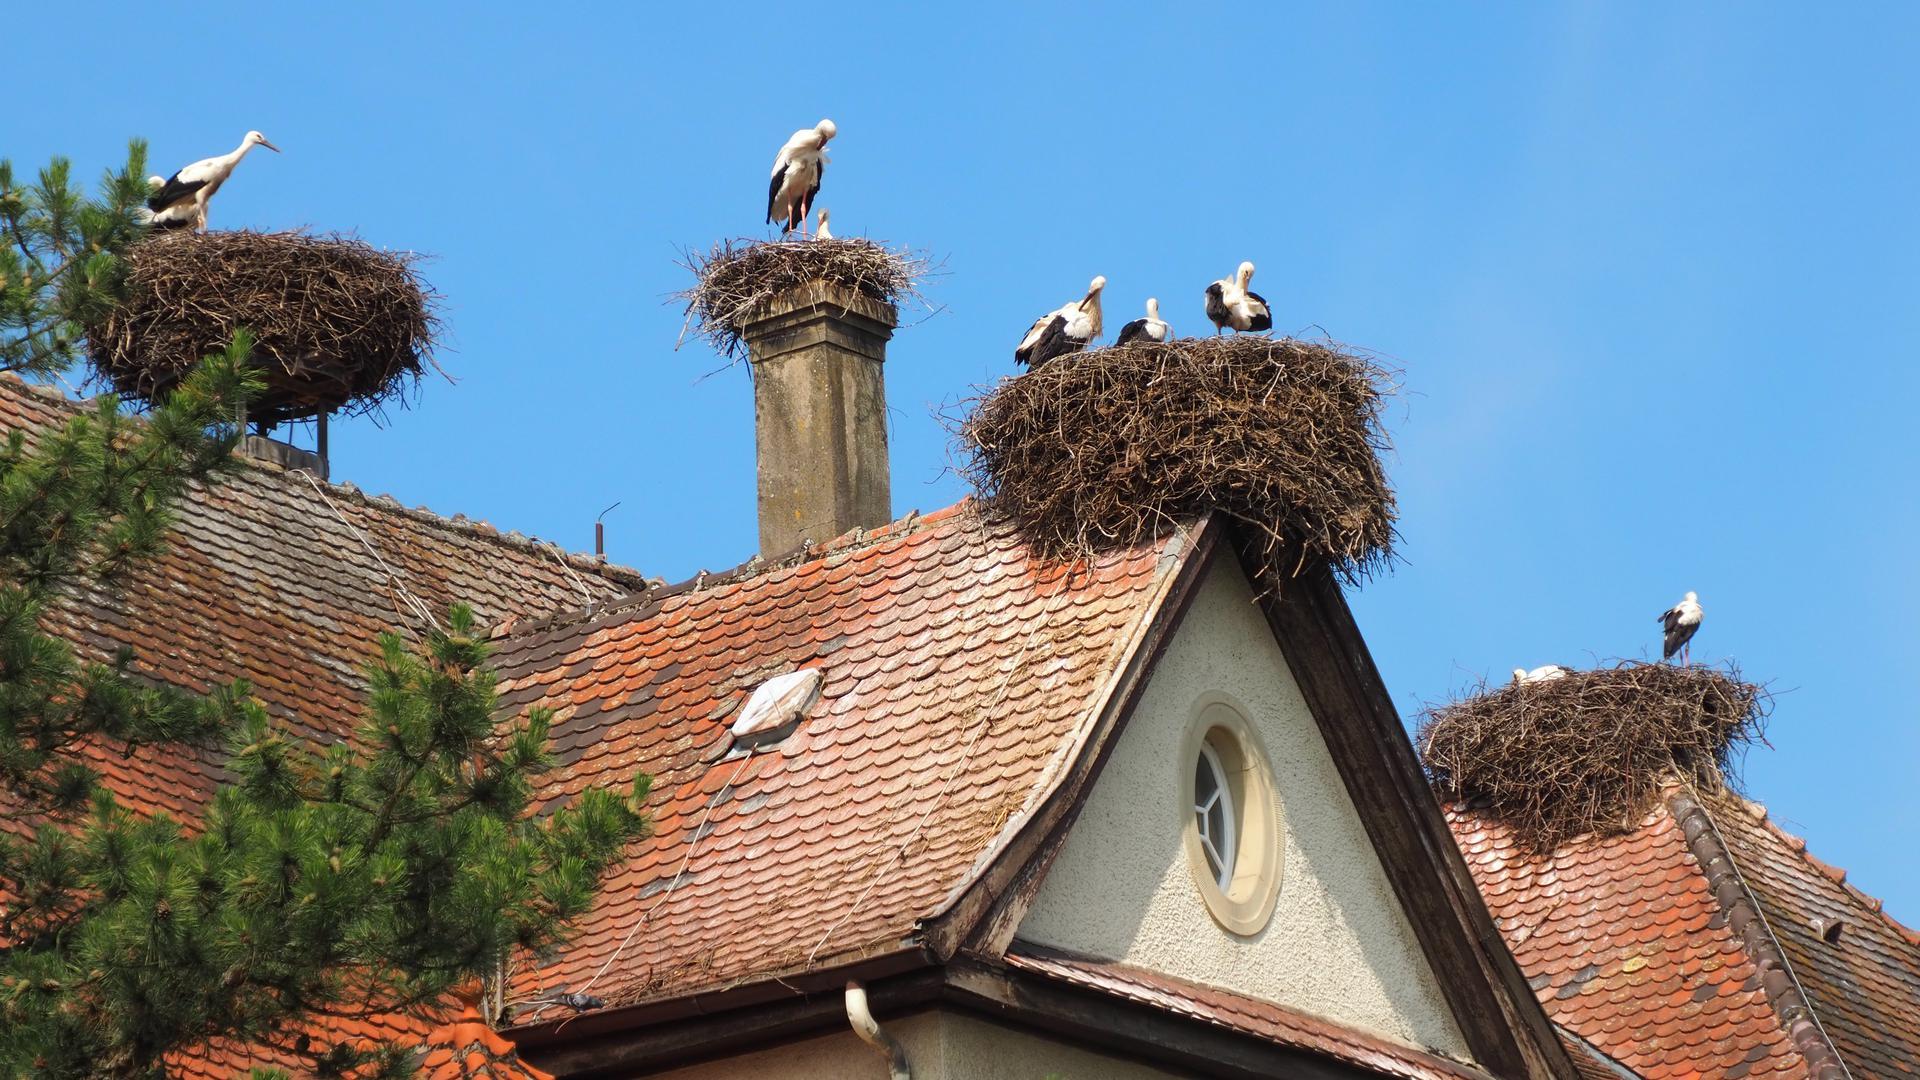 Die Wagshurster Störche auf dem Dach der Maiwaldschule.